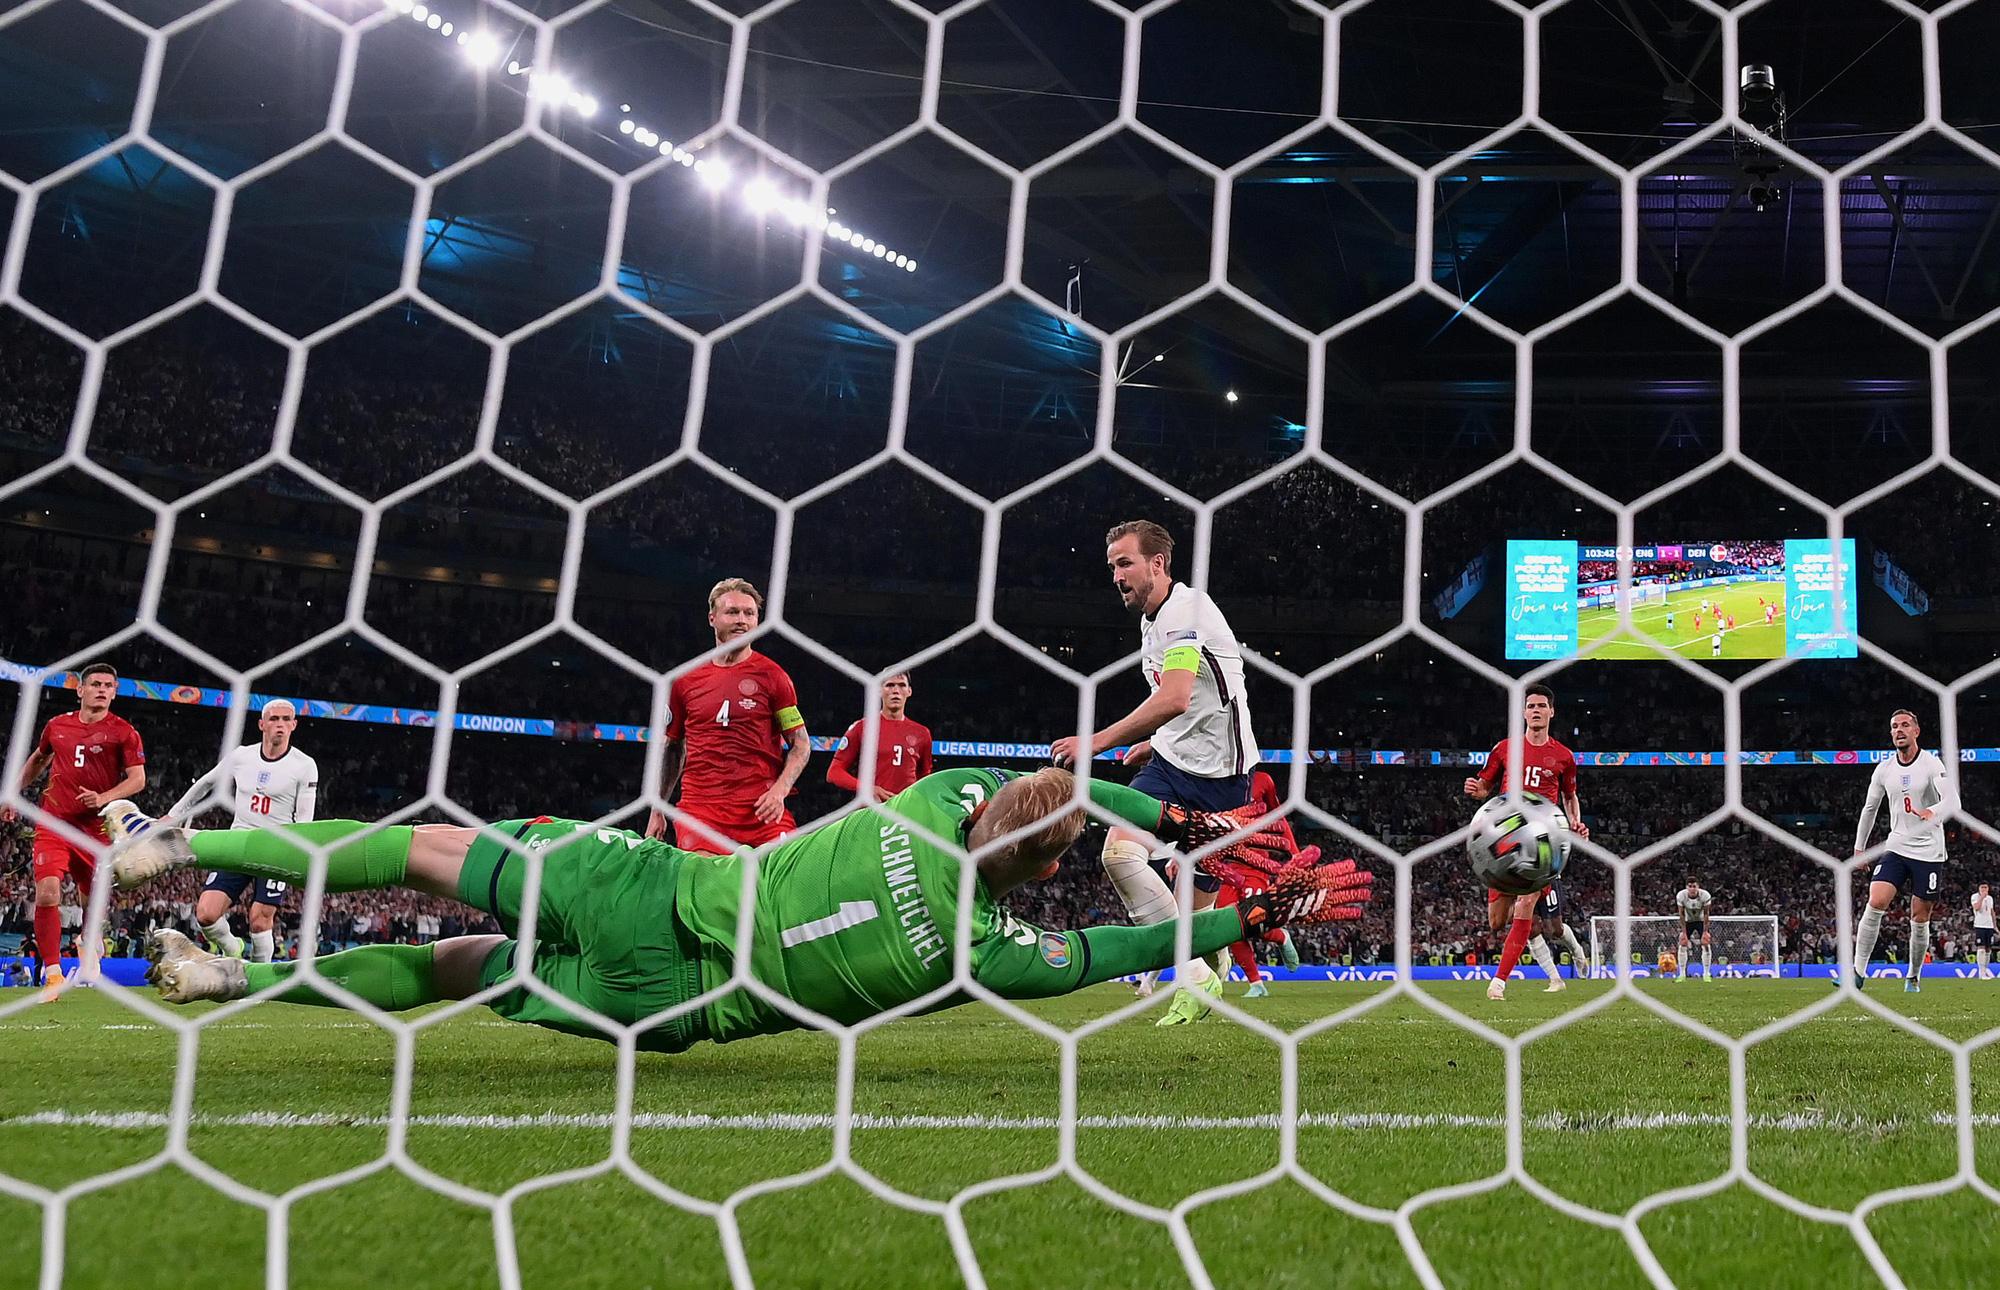 Chấm điểm cầu thủ Anh vs Đan Mạch: Maguire và Sterling tỏa sáng rực rỡ - Ảnh 11.